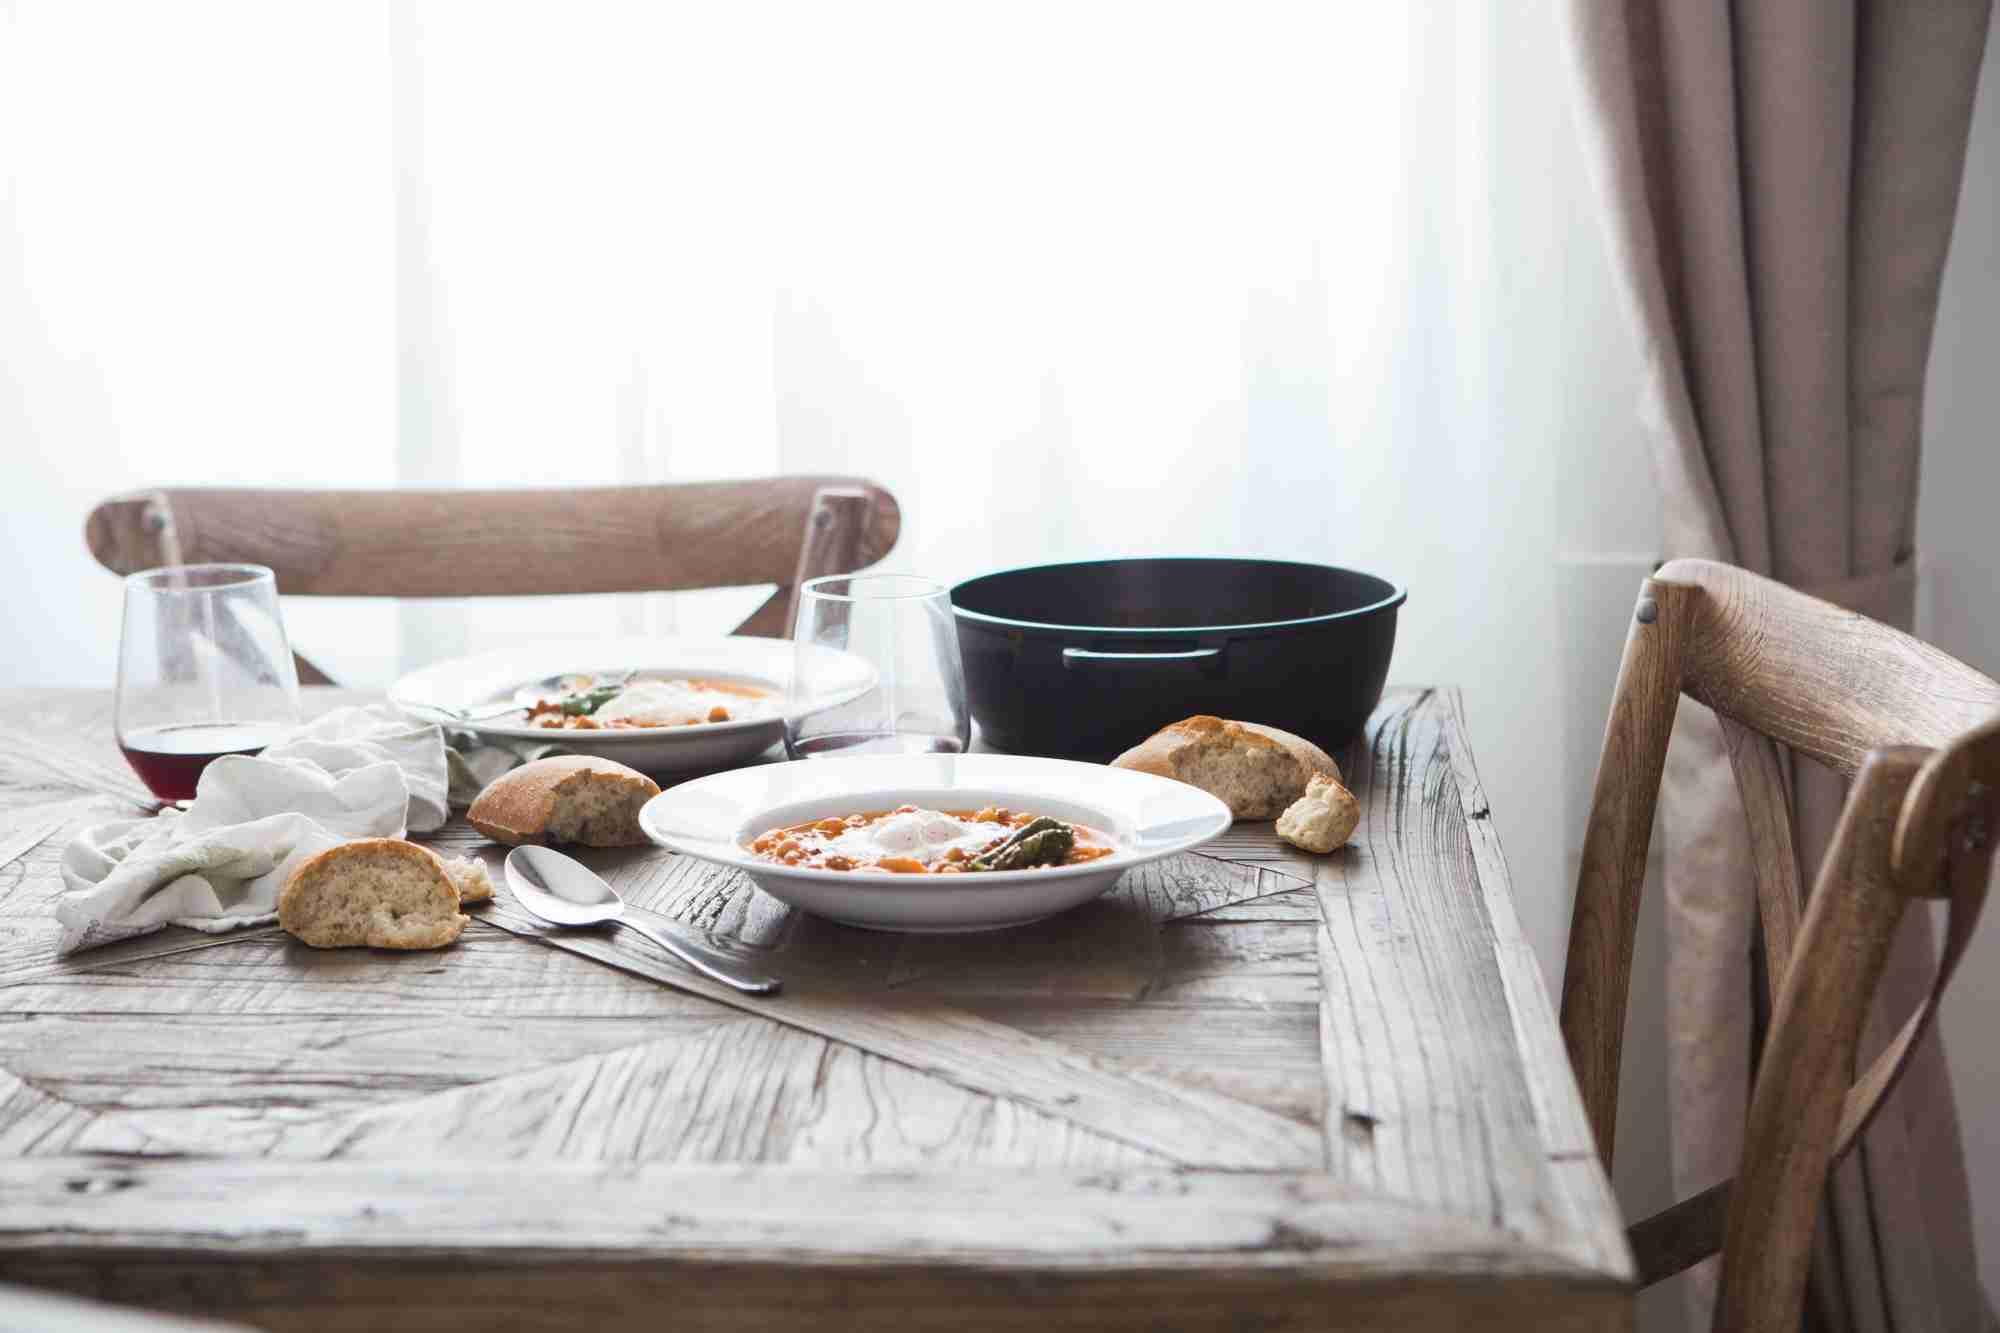 Dos platos de puchero y un par de vasos de vino encima de una mesa de madera.